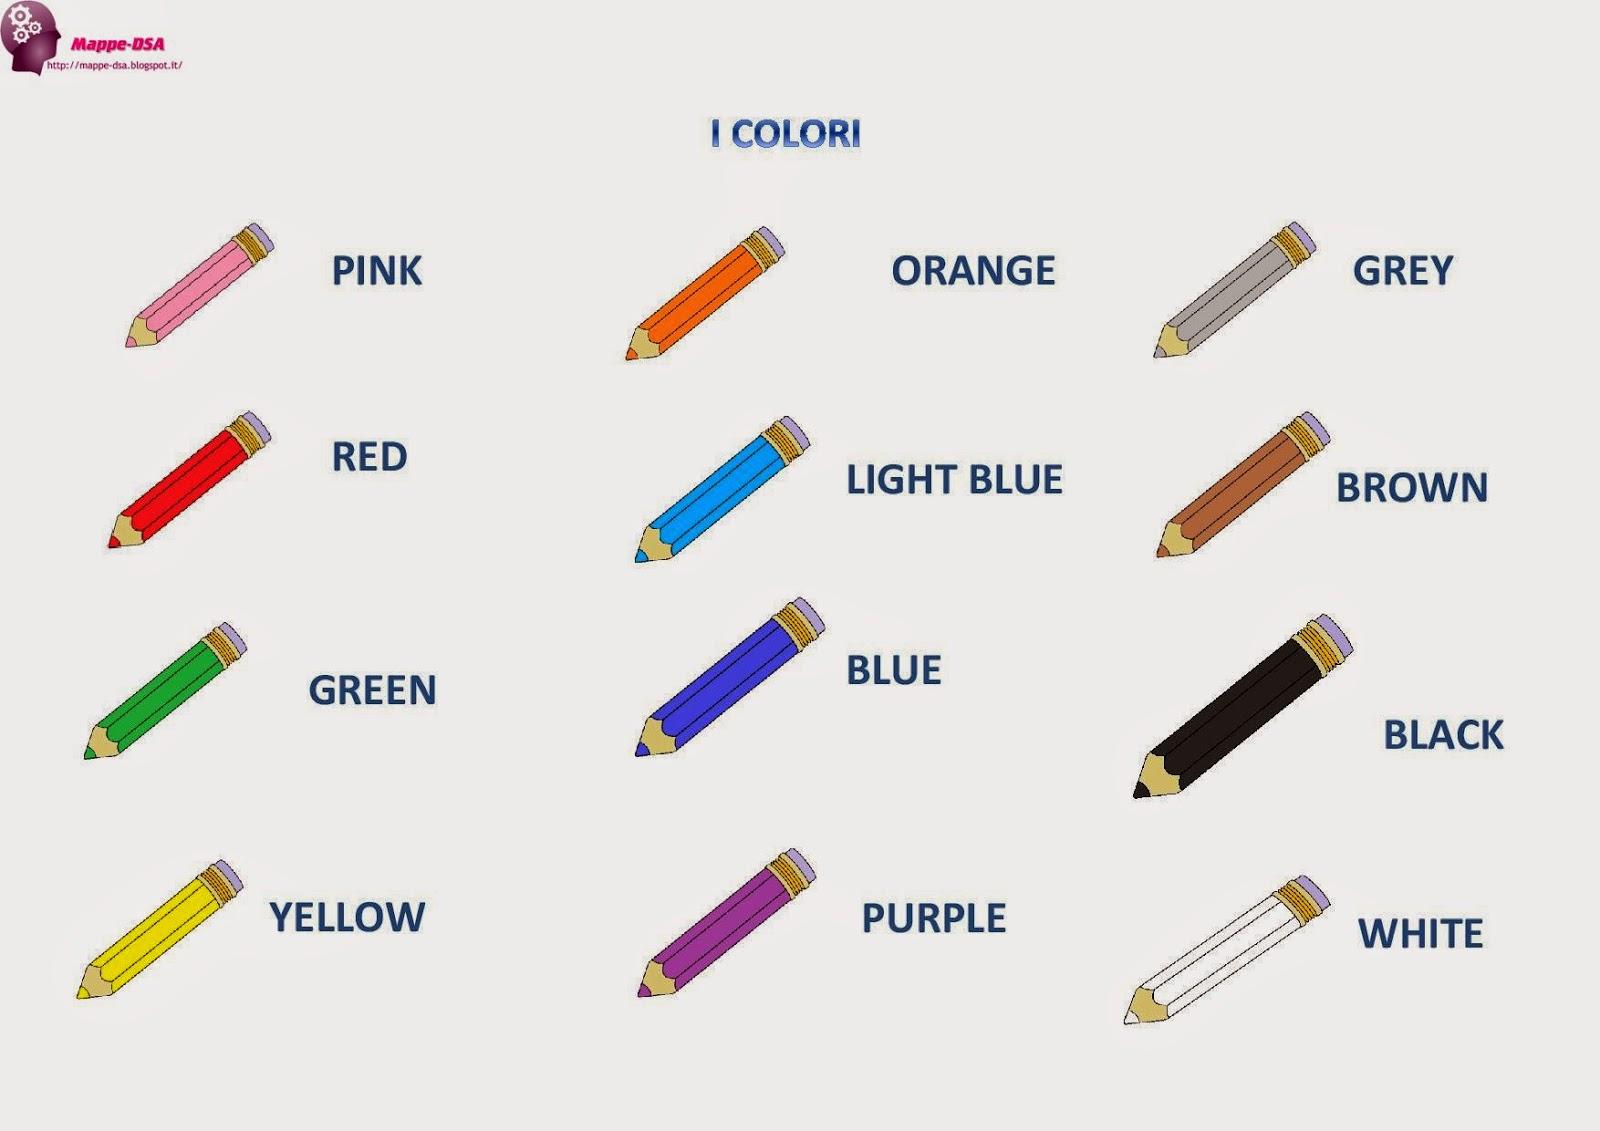 I colori - Colore per numeri per i bambini ...